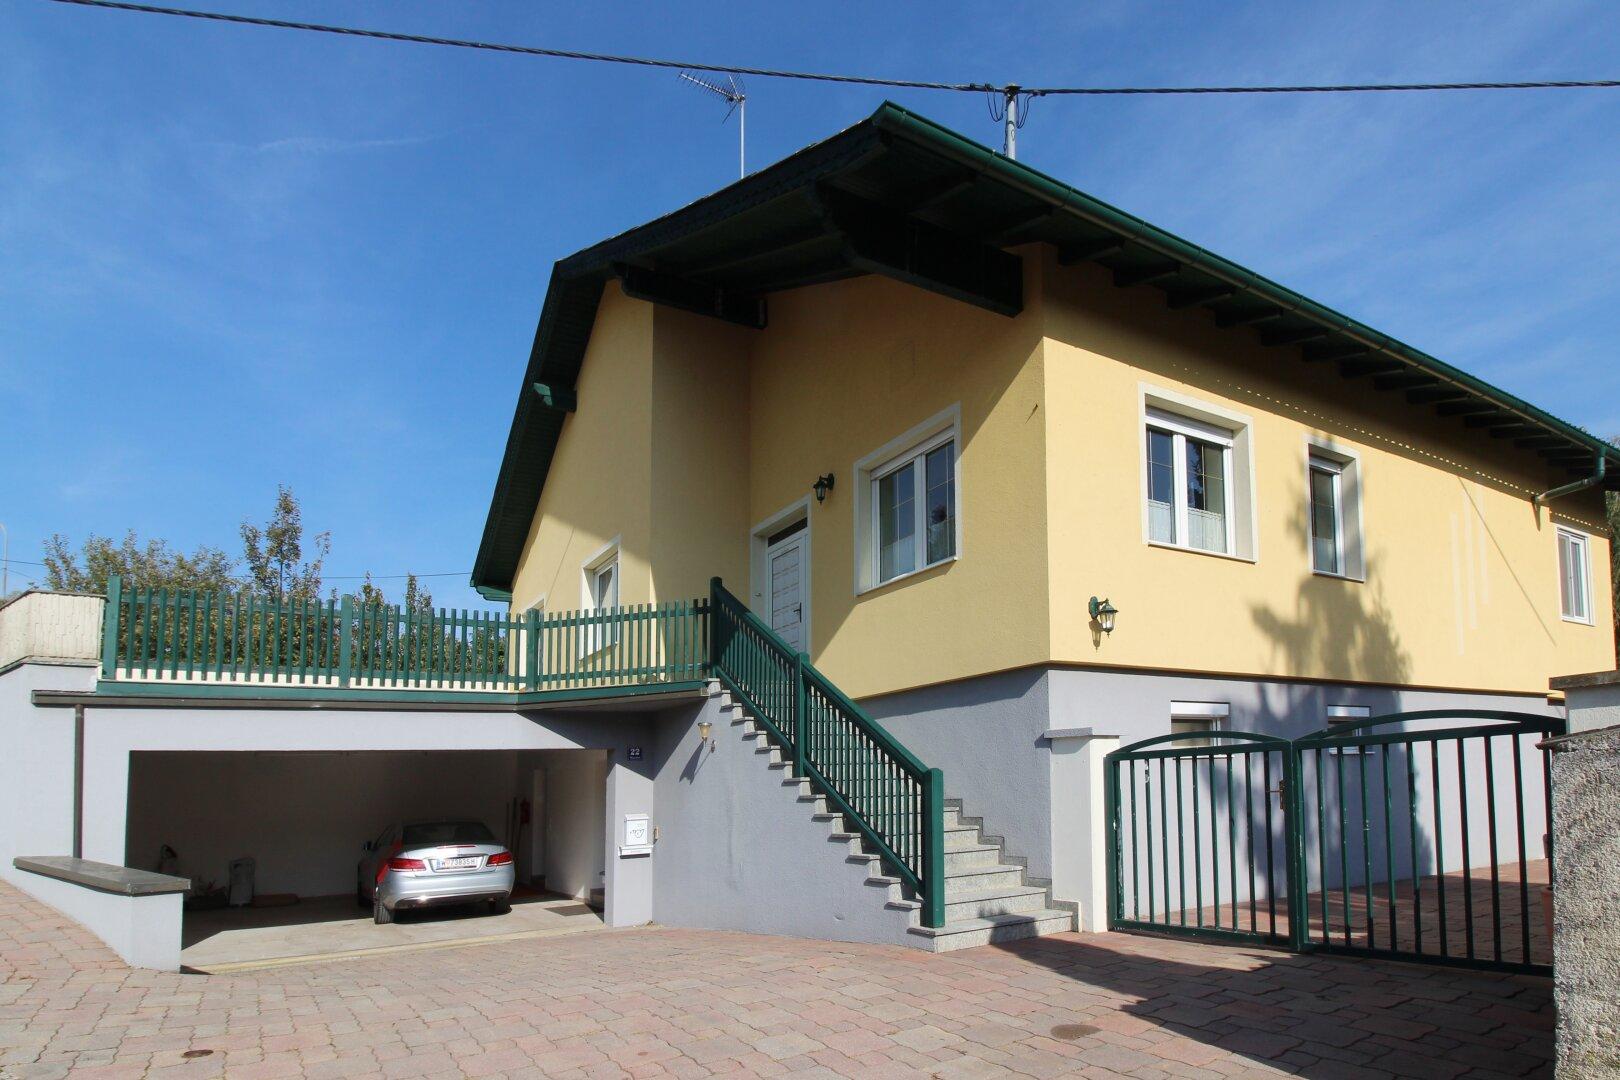 Das Haus mit dem westlichen Eingang